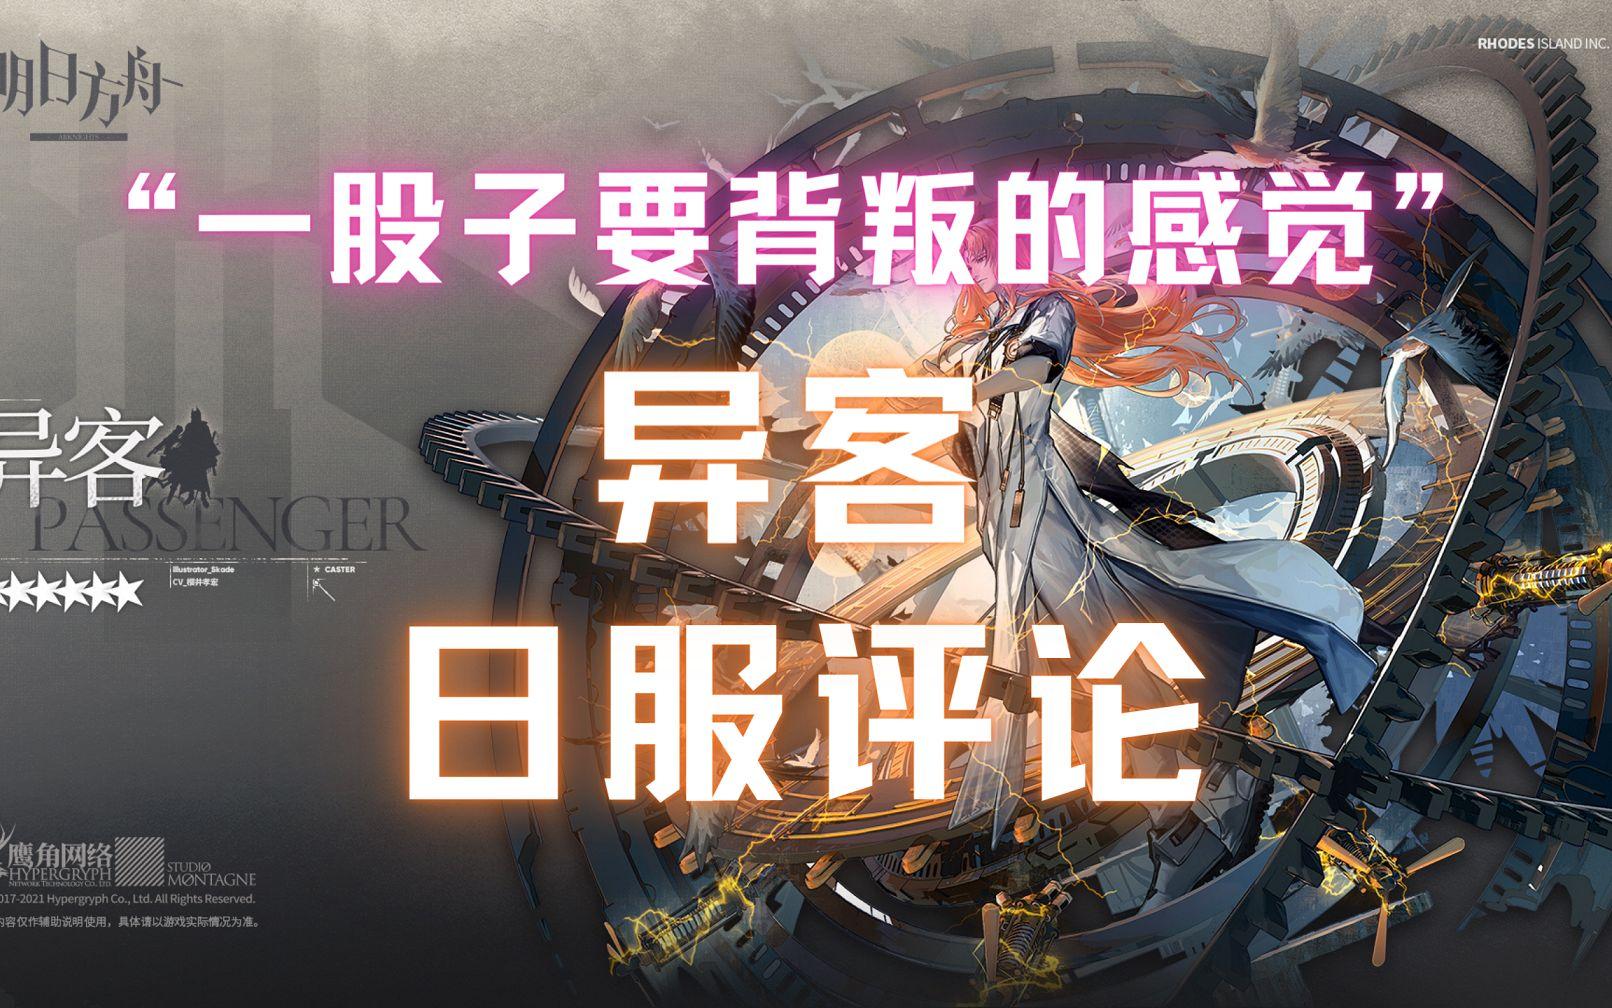 【明日方舟/熟肉/海外评论】6星雷子姐?异客日服评论